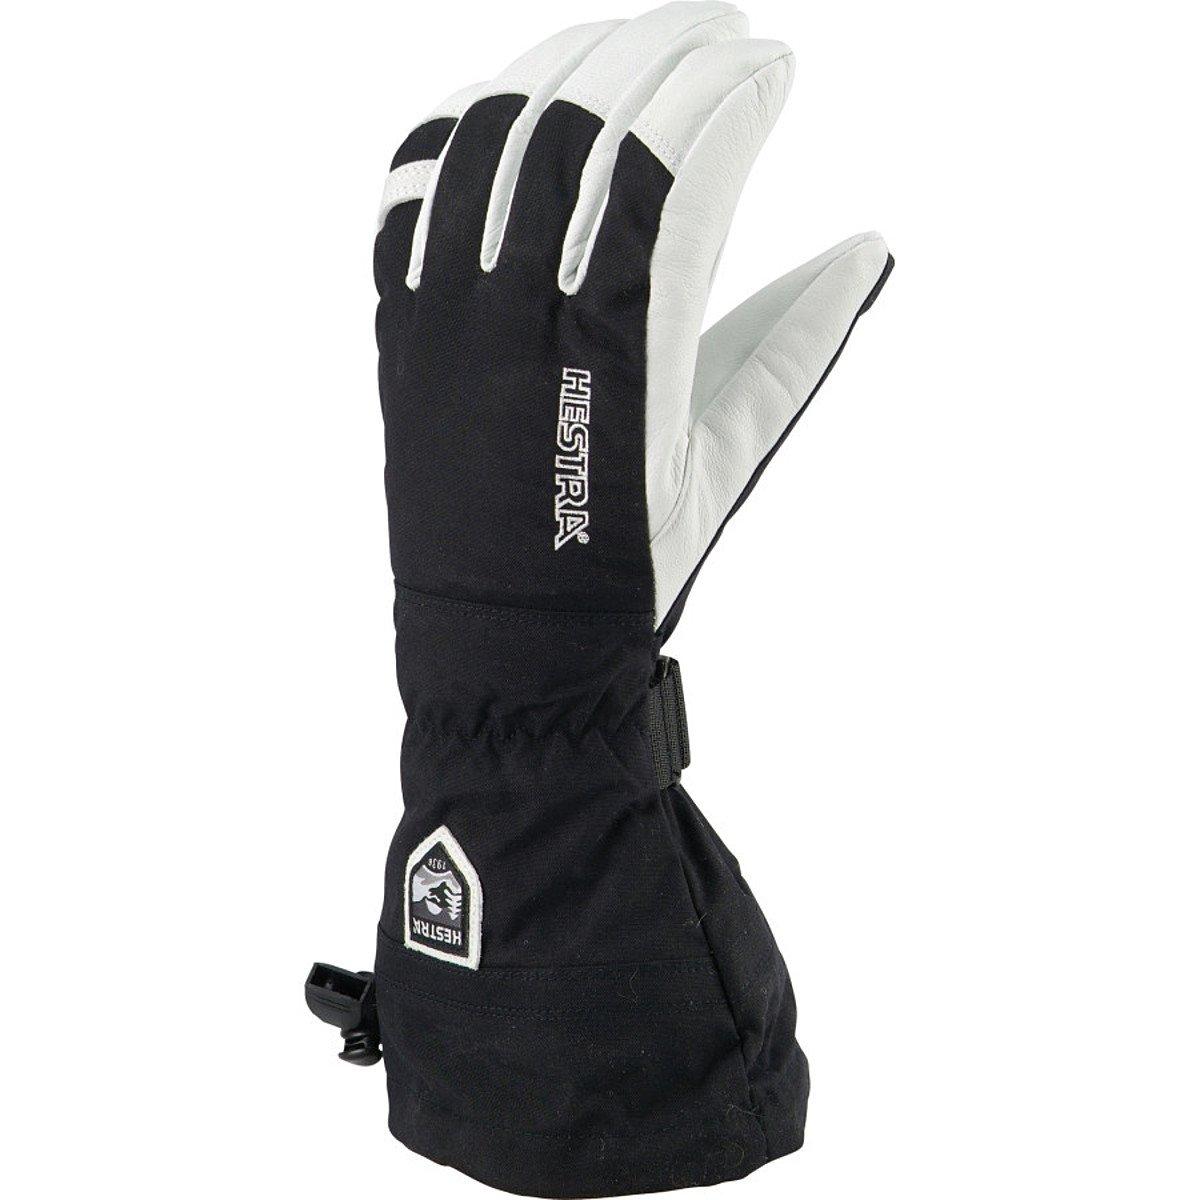 Hestra Heli Glove (Black, 9)